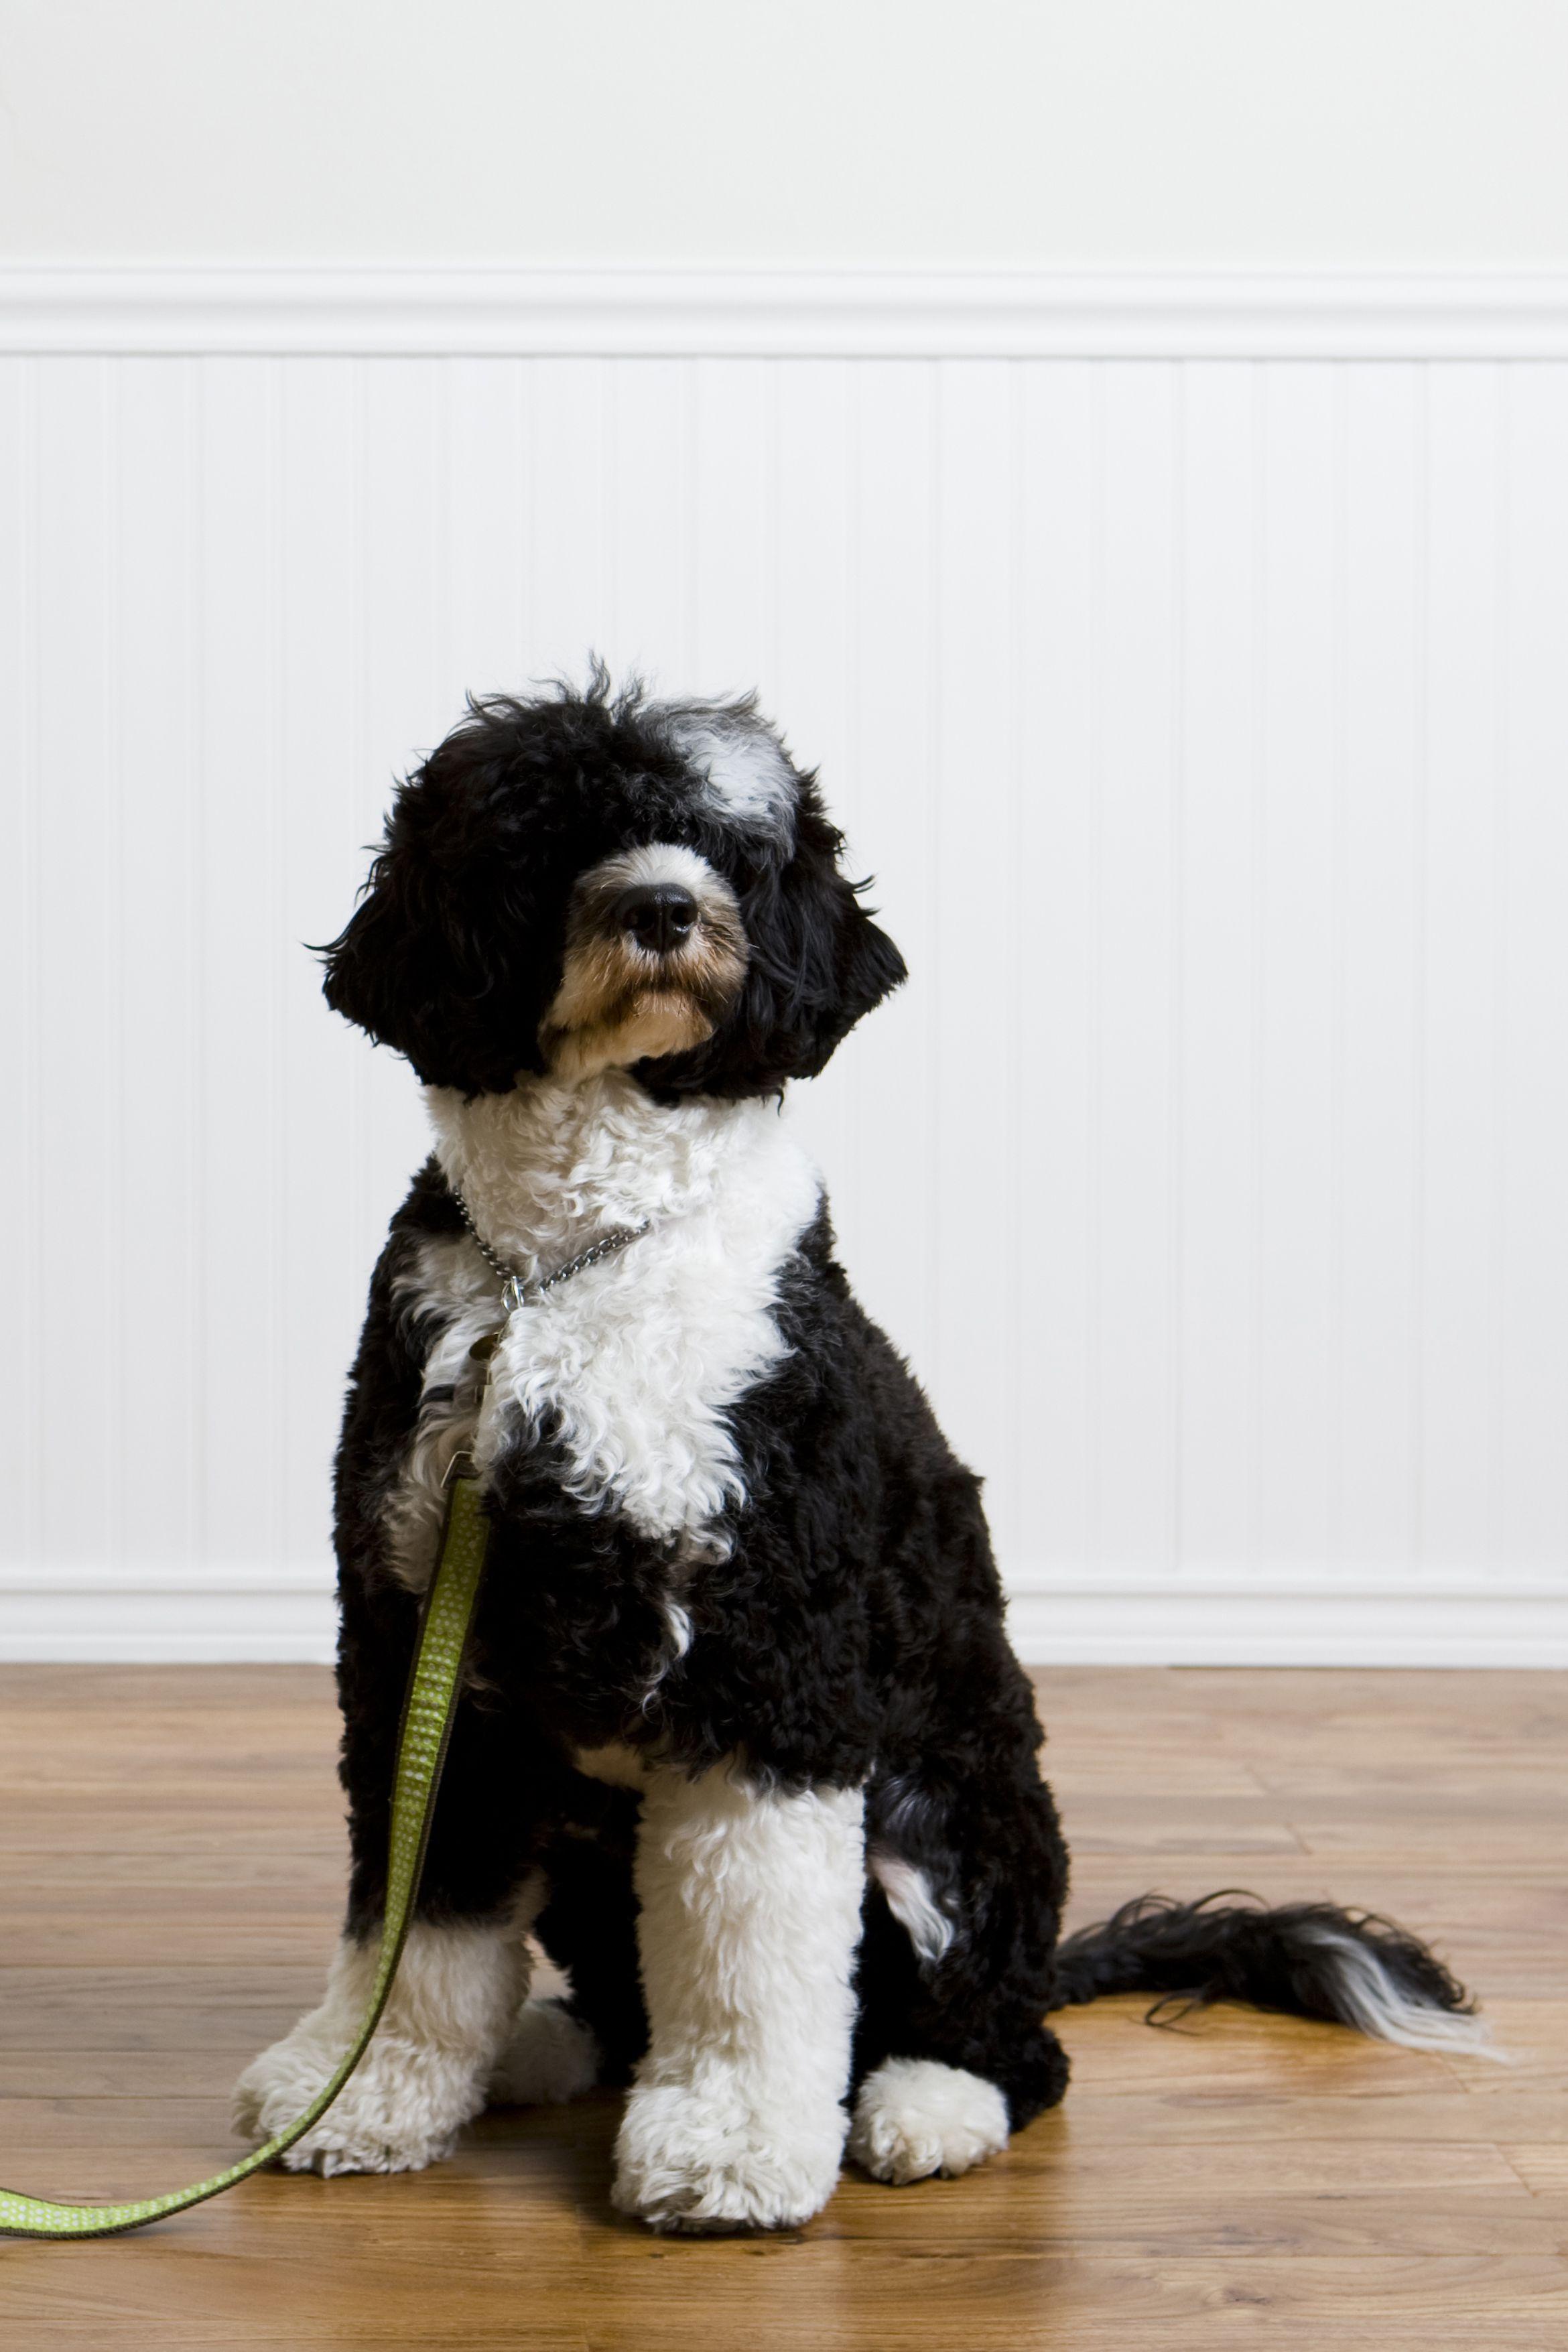 fluffy dog on leash